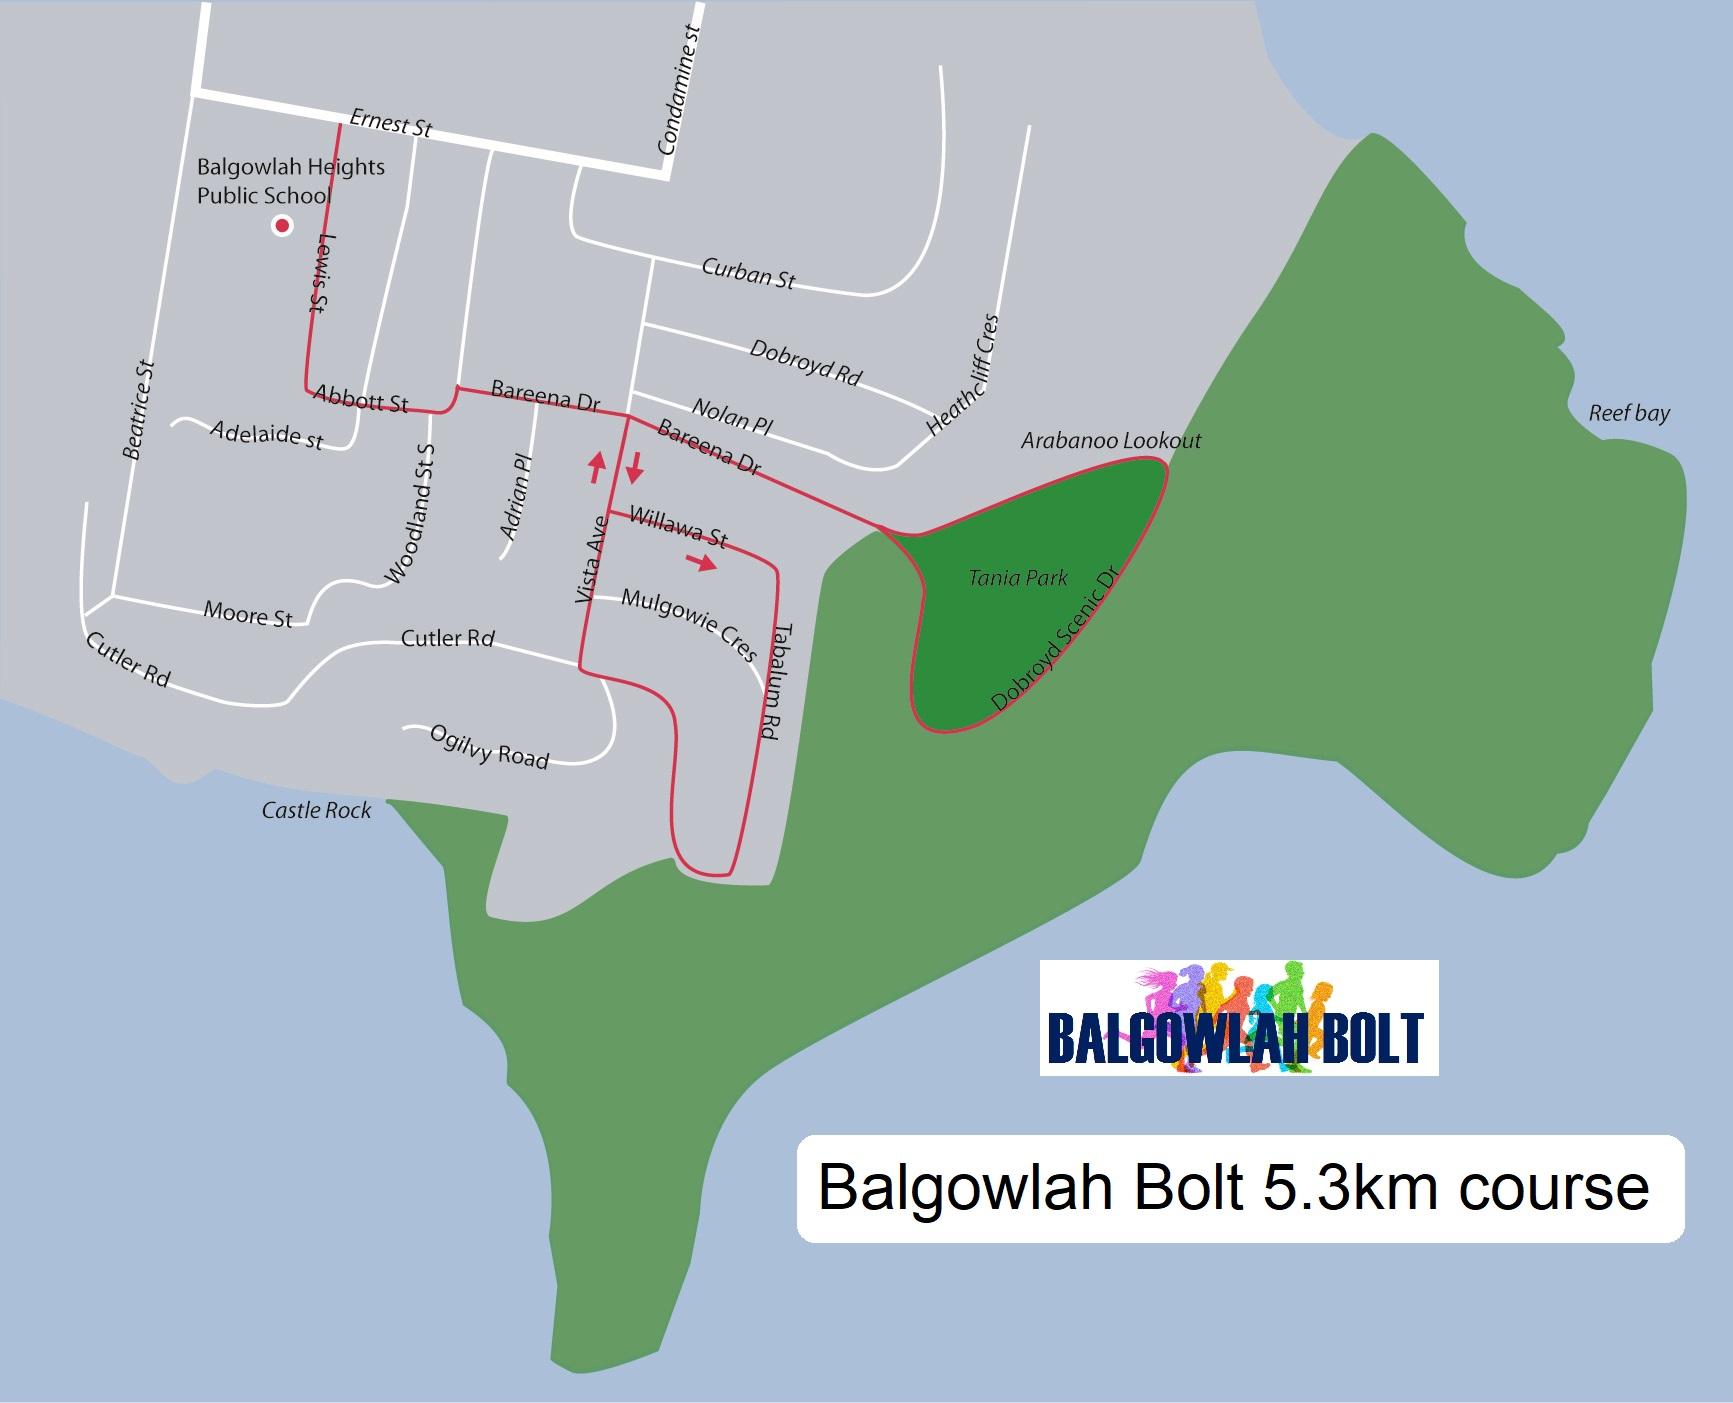 Balgowlah Bolt 5.3km Course